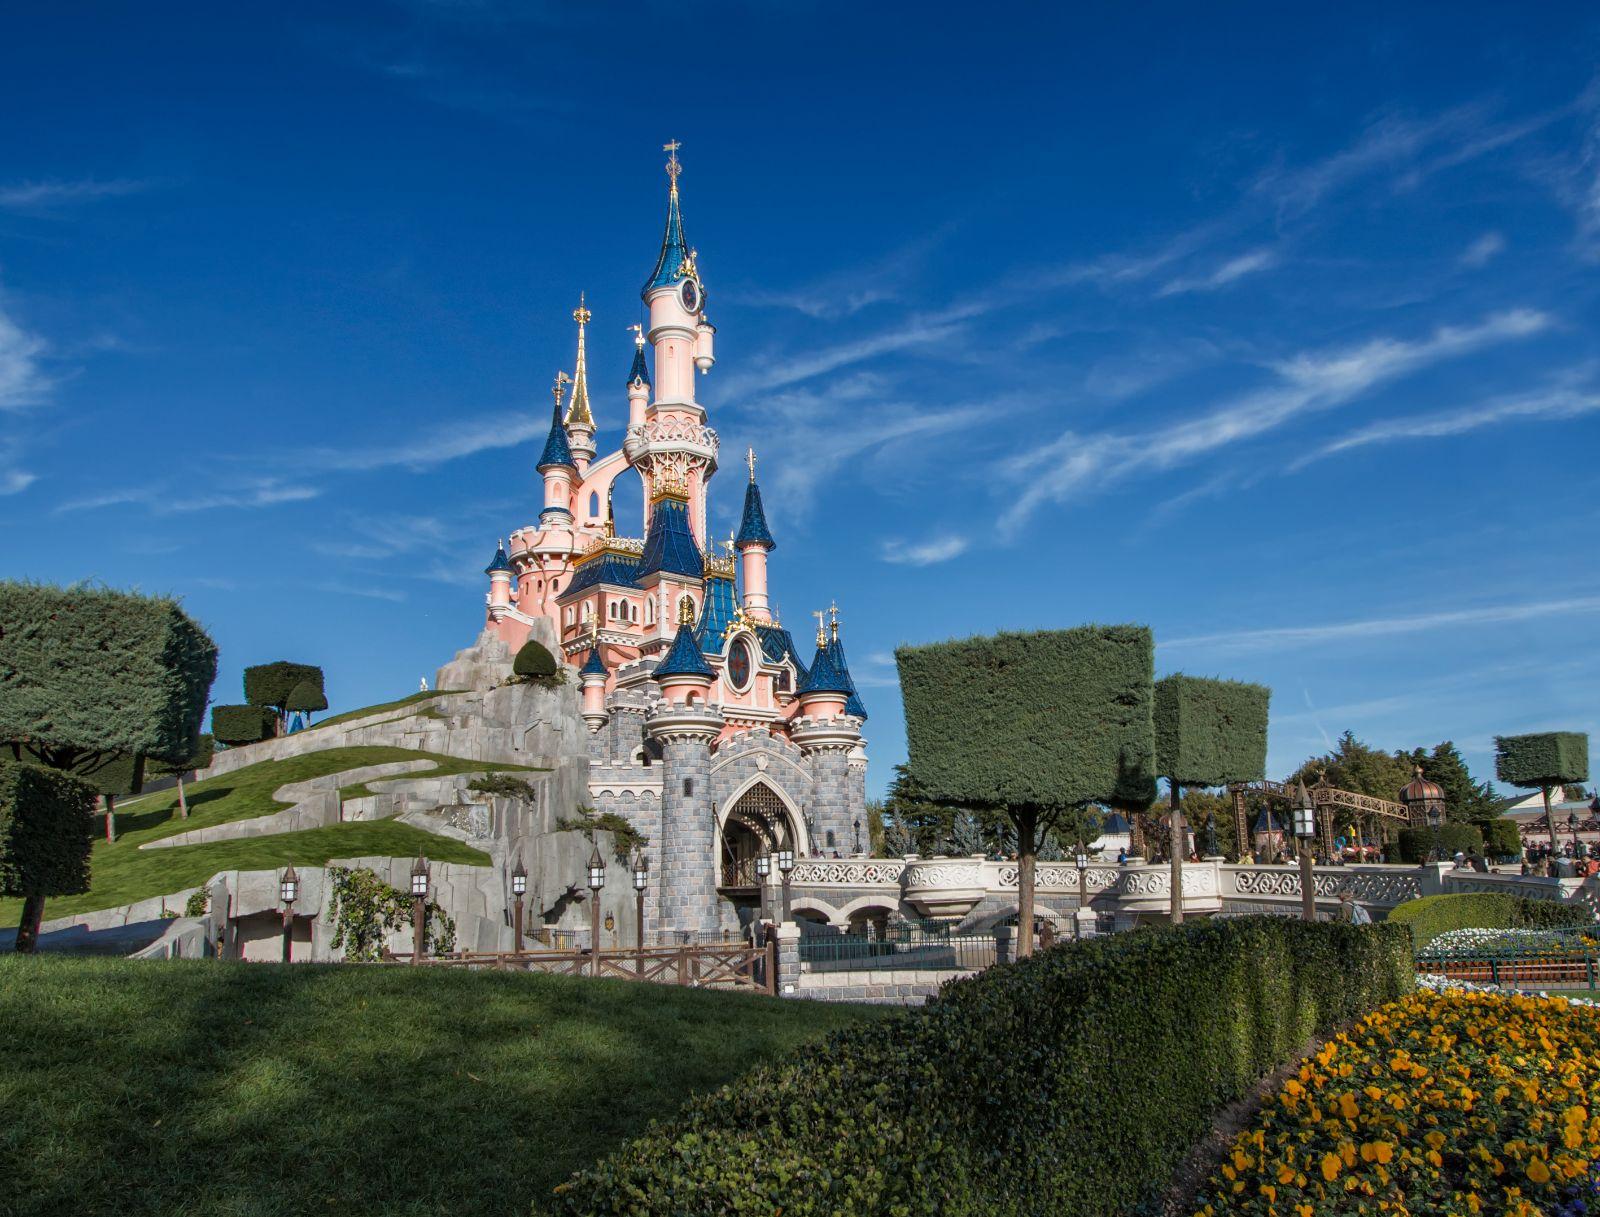 Family Vacation to Disneyland Paris